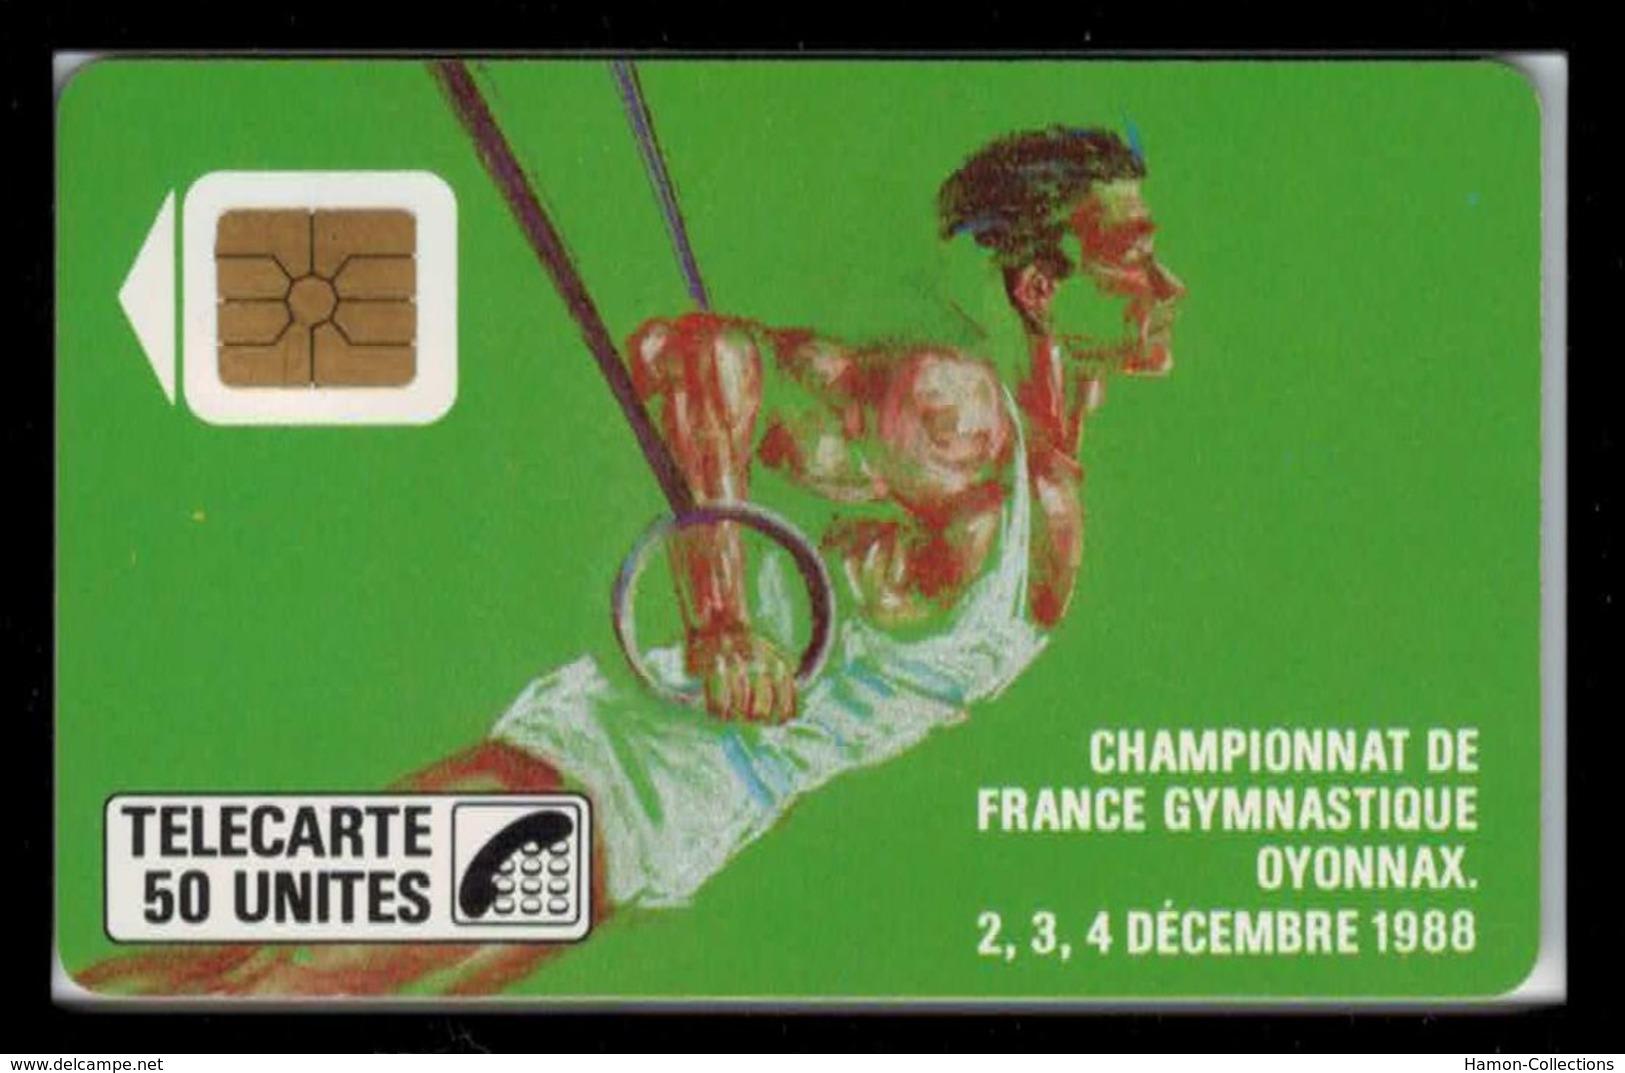 * PETIT PRIX DE DEPART * F42 - Oyonnax Gym - 1088 PE - Reste 41 Unités - Voir Scans Recto Et Verso + Description - France